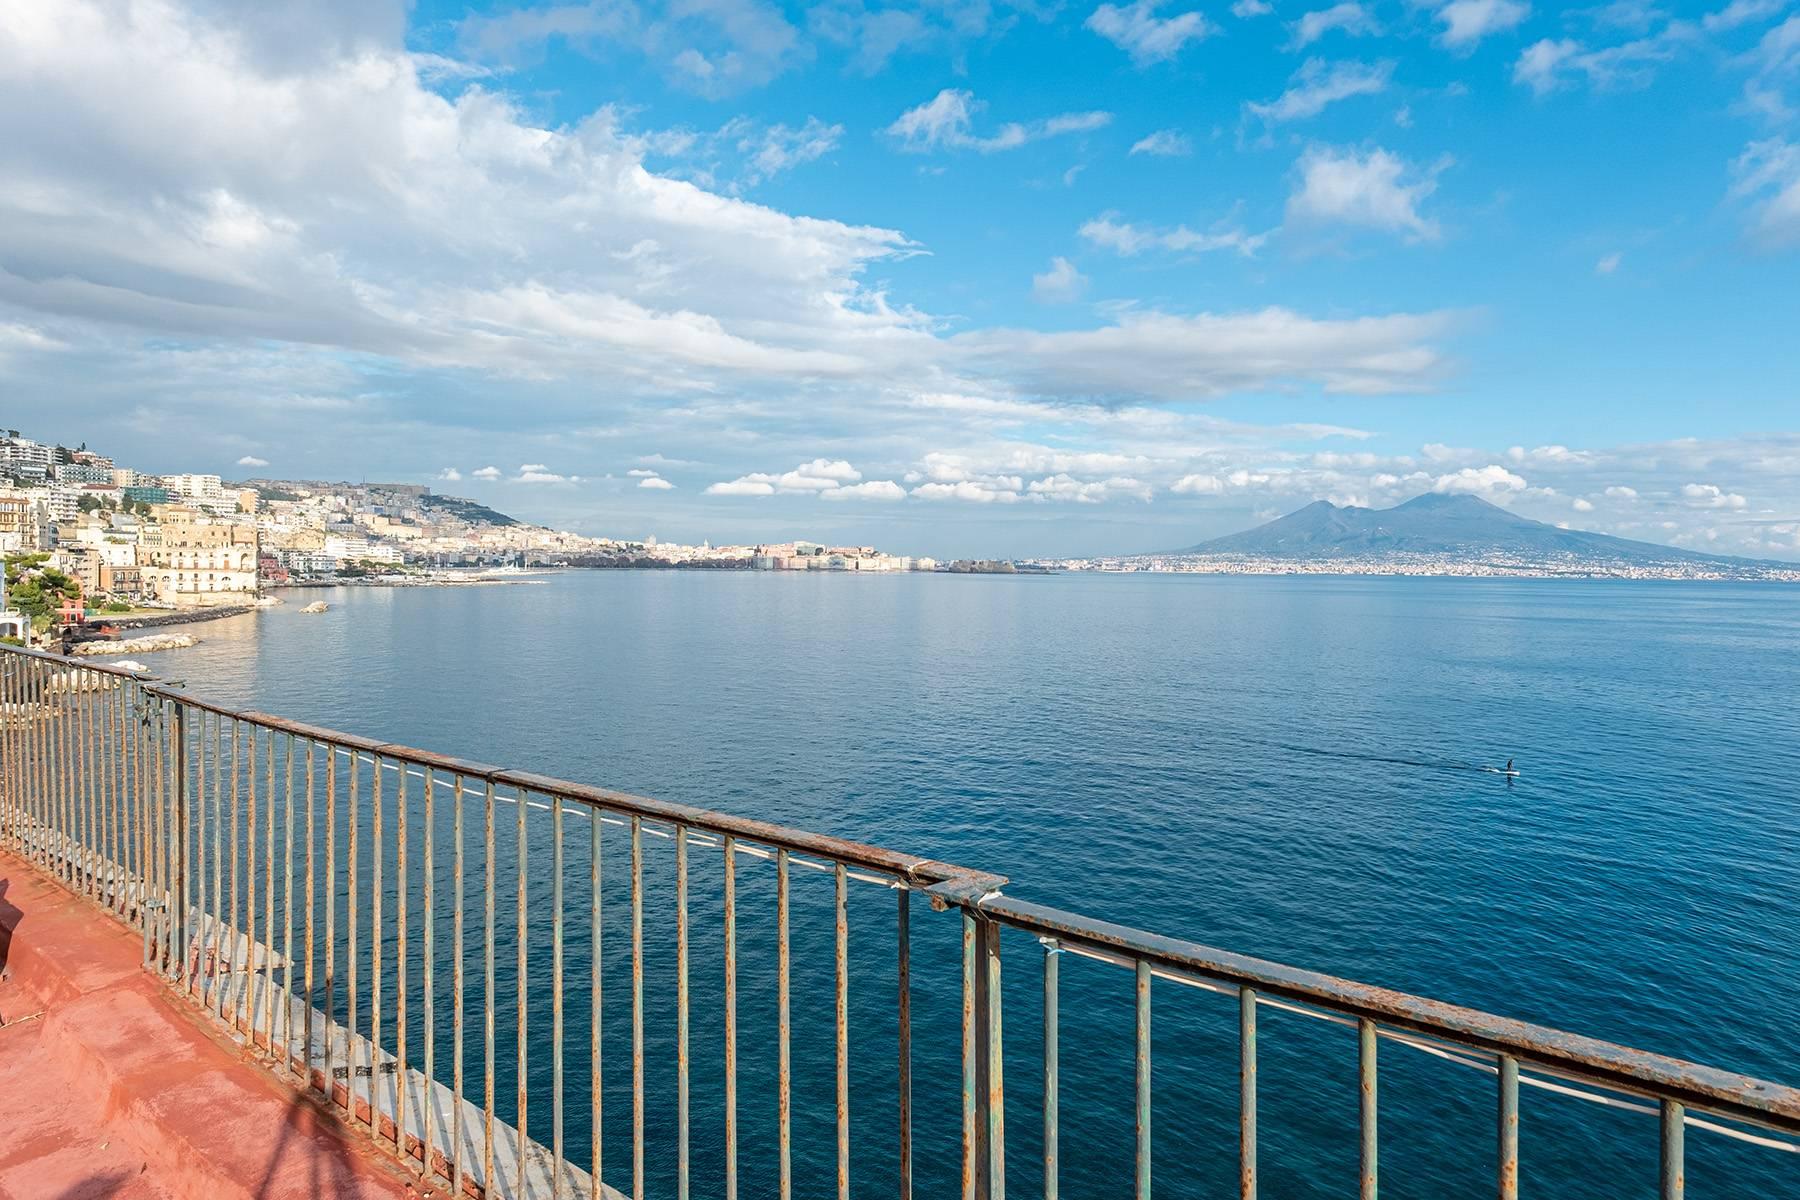 Attico in Vendita a Napoli: 5 locali, 650 mq - Foto 19